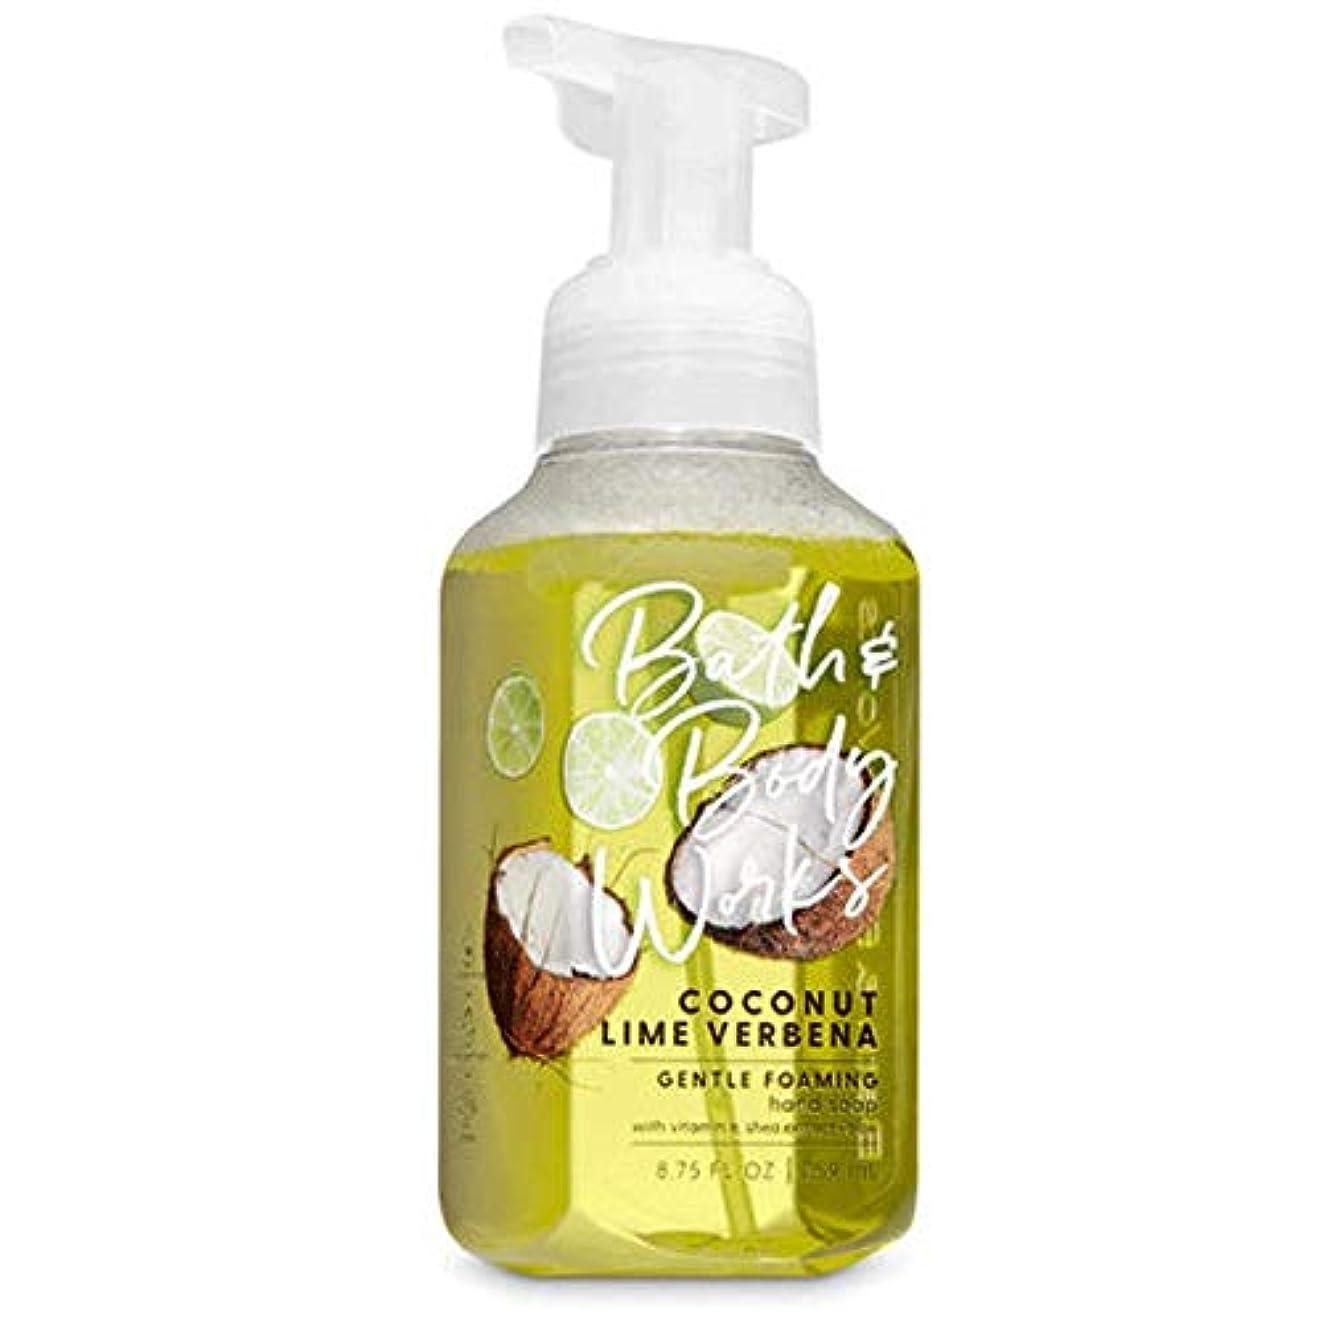 冷ややかなわずらわしいロッドバス&ボディワークス ココナッツライムバーベナ ジェントル フォーミング ハンドソープ Coconut Lime Verbena Gentle Foaming Hand Soap